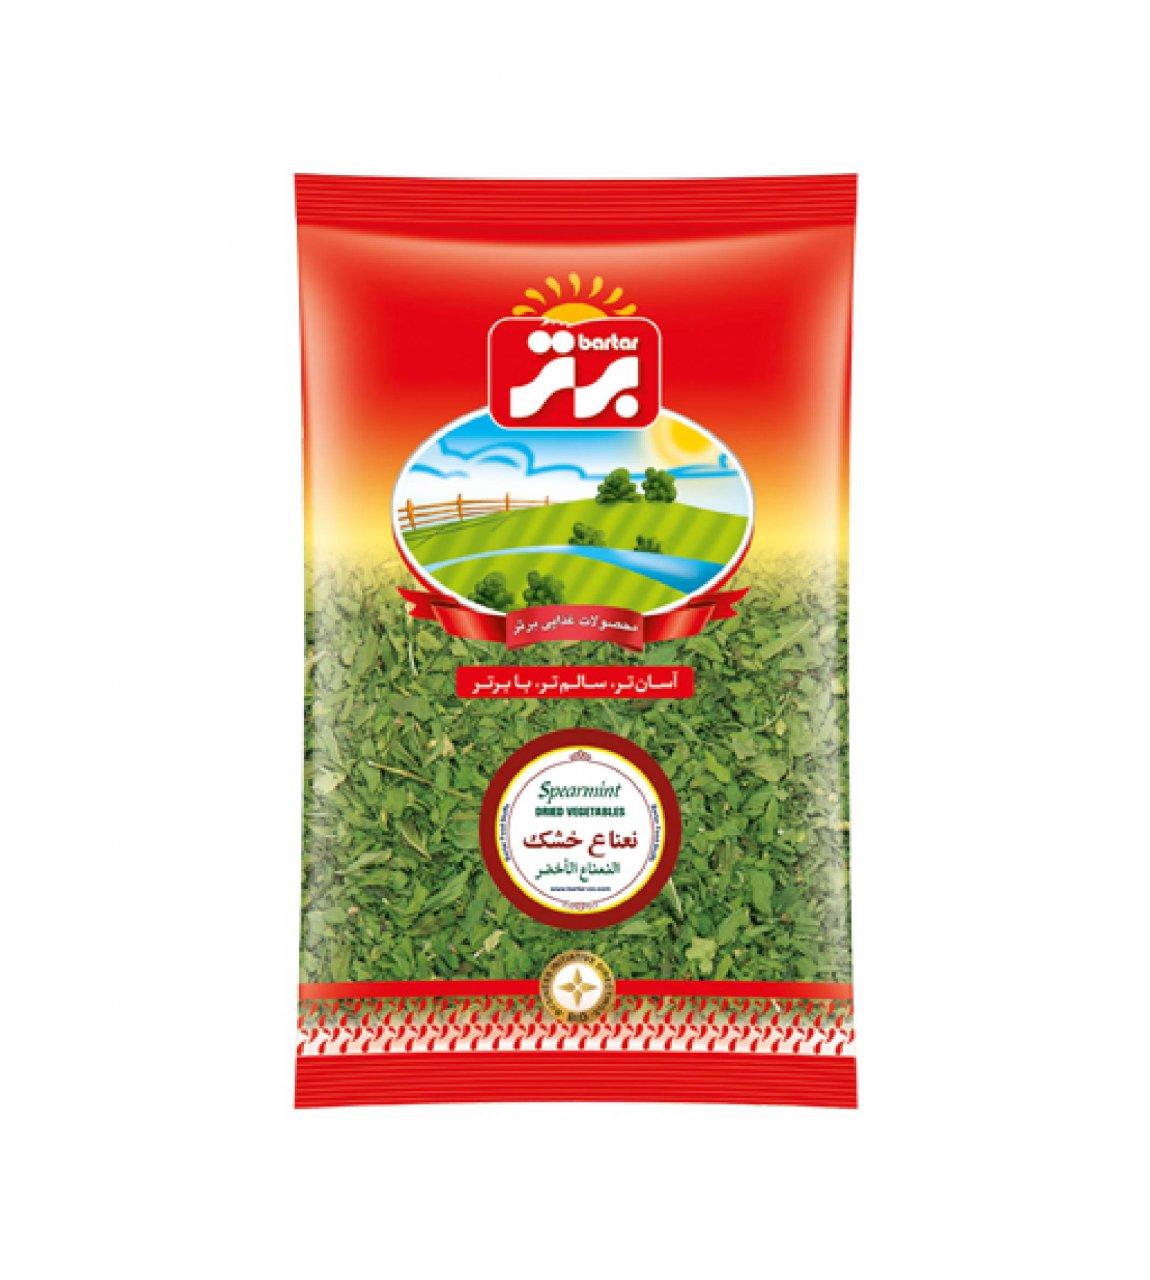 سبزی نعناع 70 گرم برتر